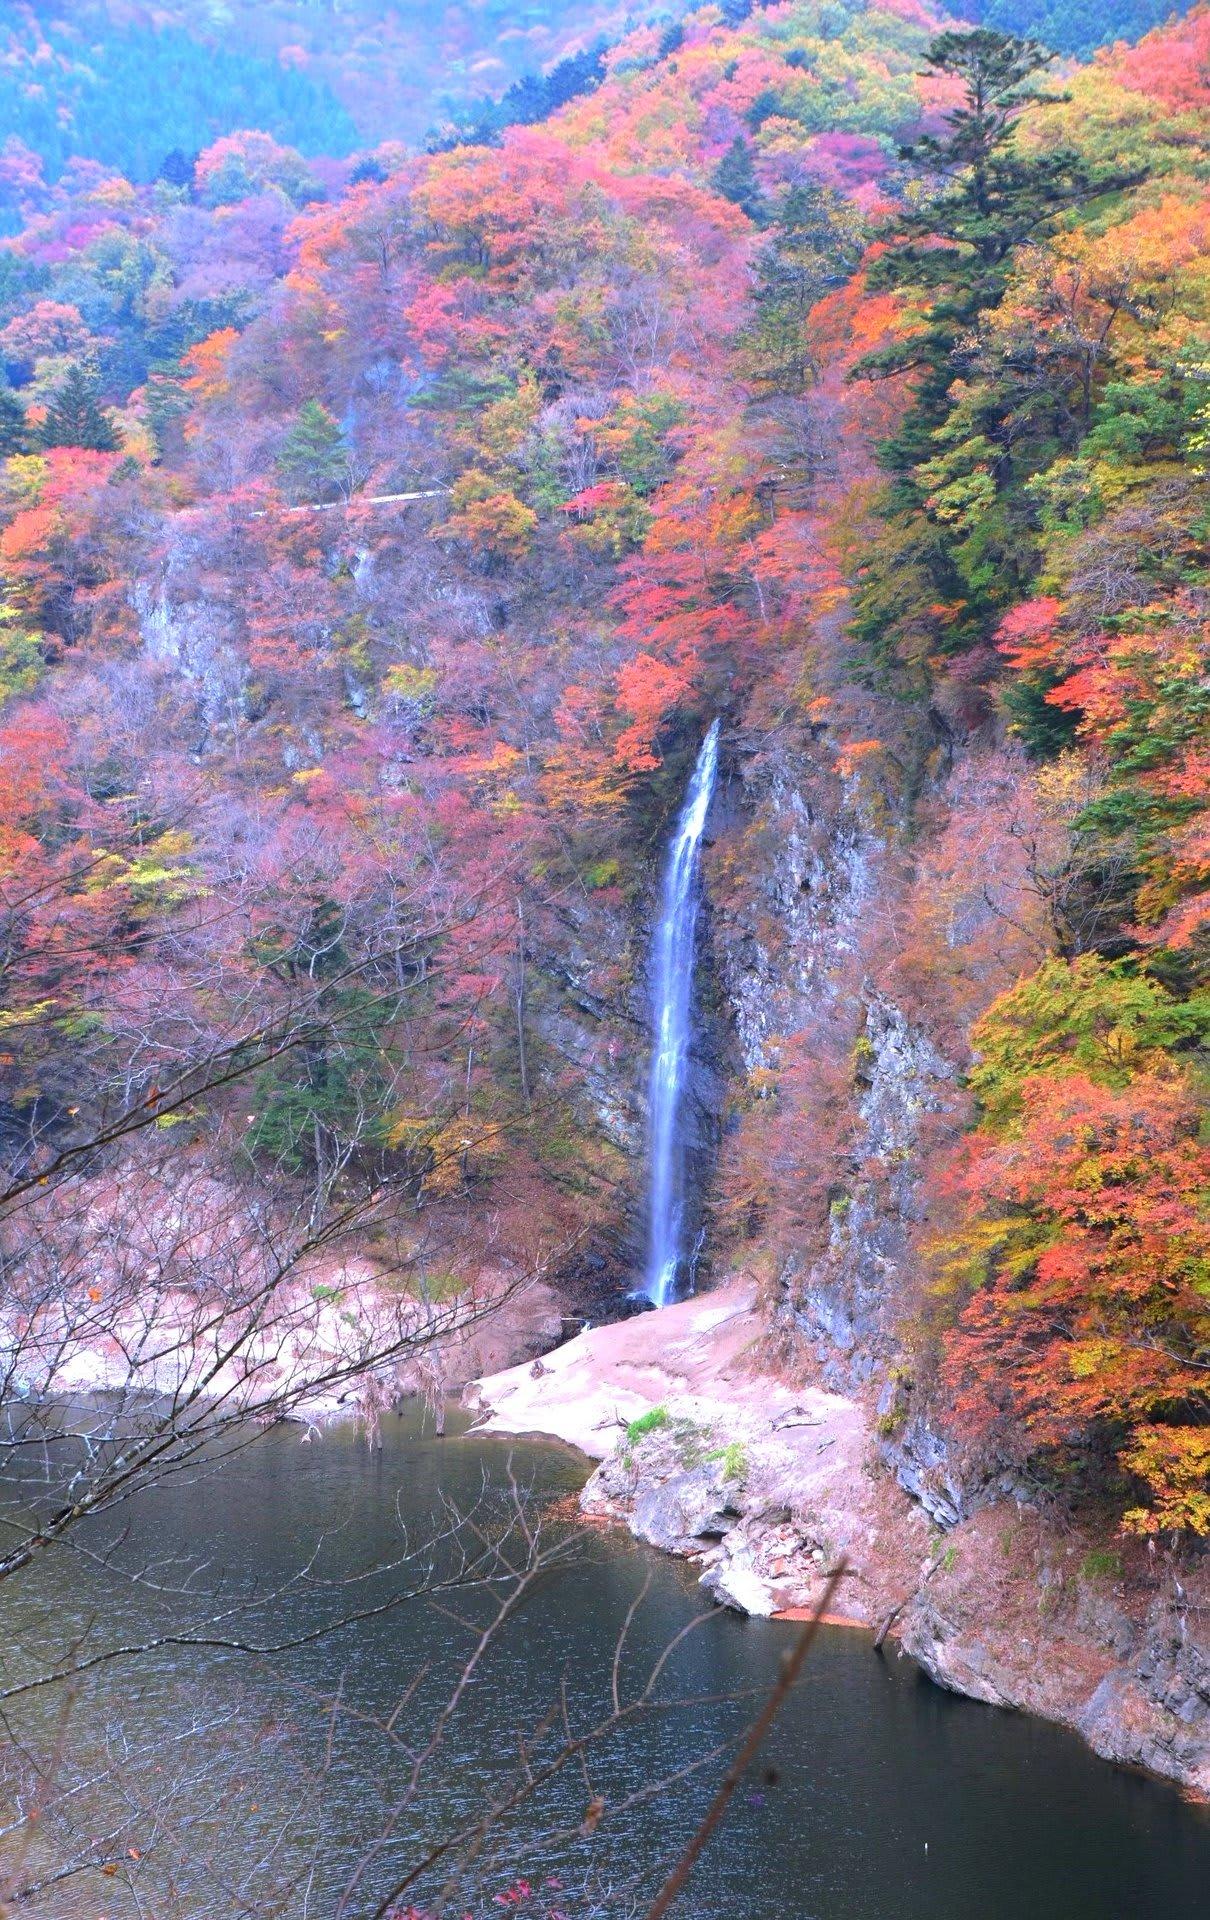 回顧の滝【岩淸水・言葉の説明】